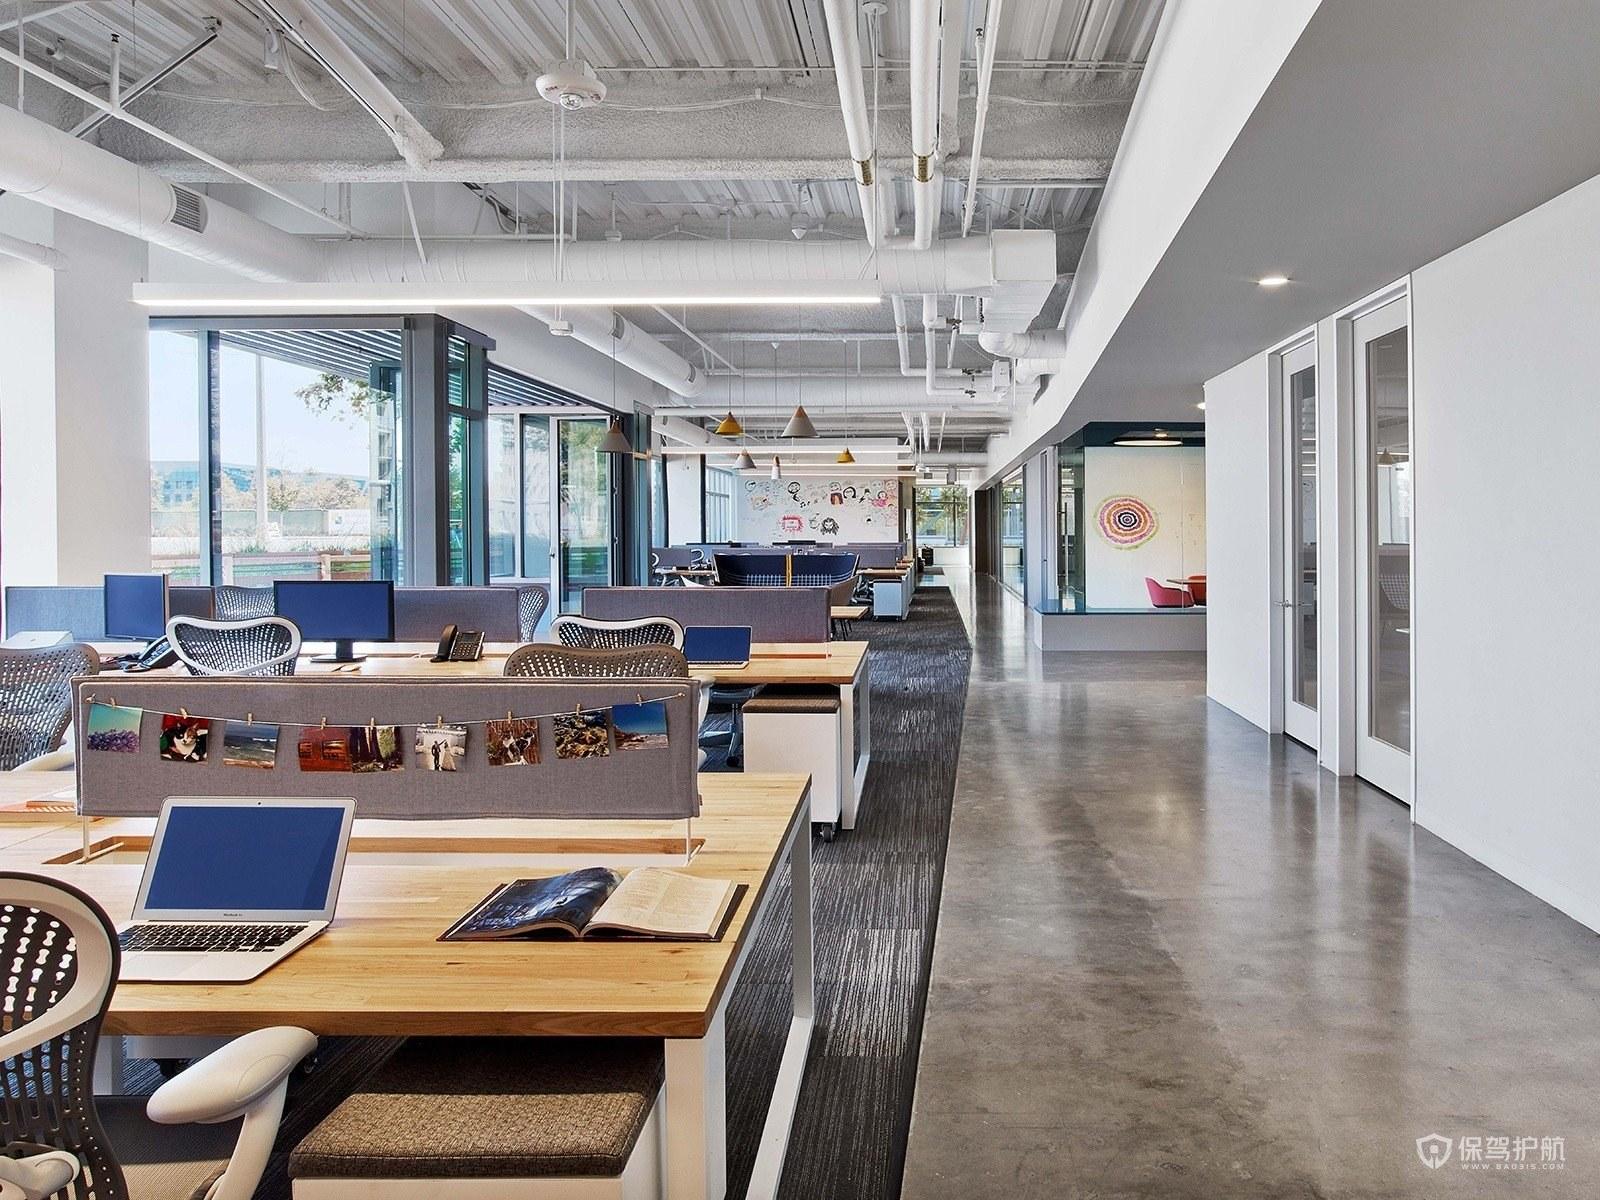 长方形办公室怎么设计布局?-办公室装修